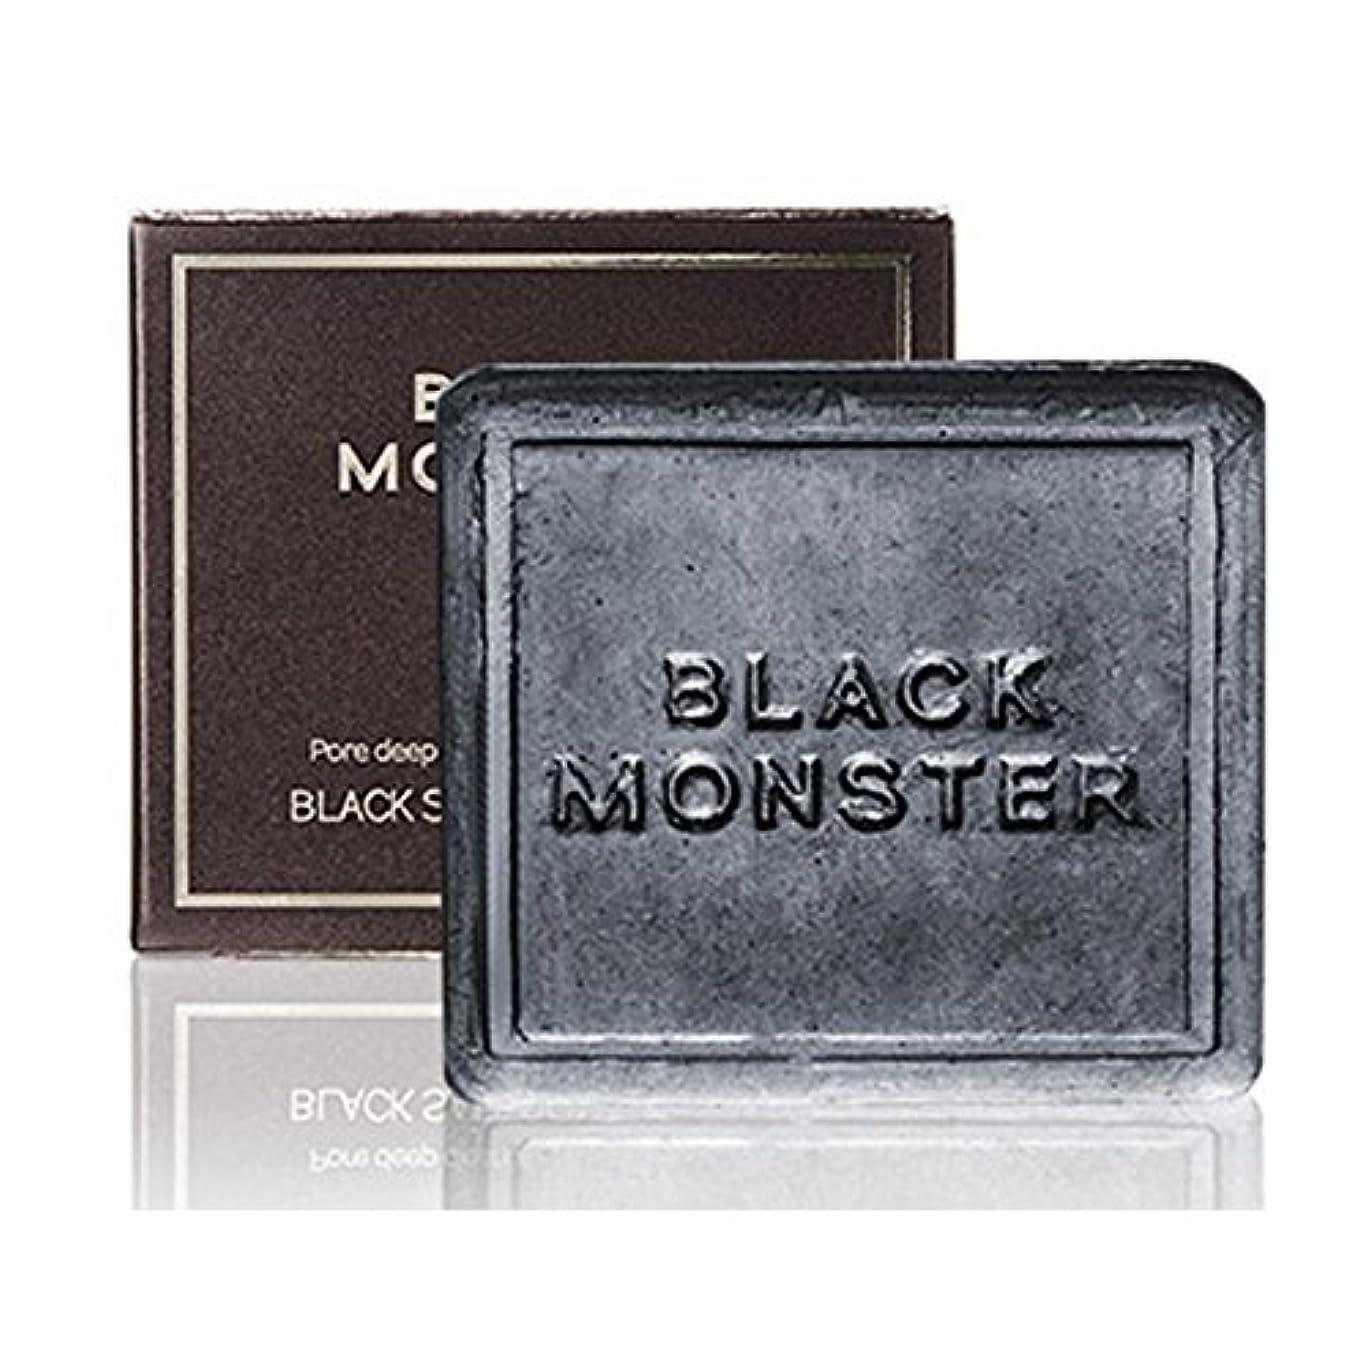 ホステル全国歌手[ブレンクTV] blanktv Black Monster ブラックソルトコントロールバー 120g 海外直送品 black salt control bar [並行輸入品]